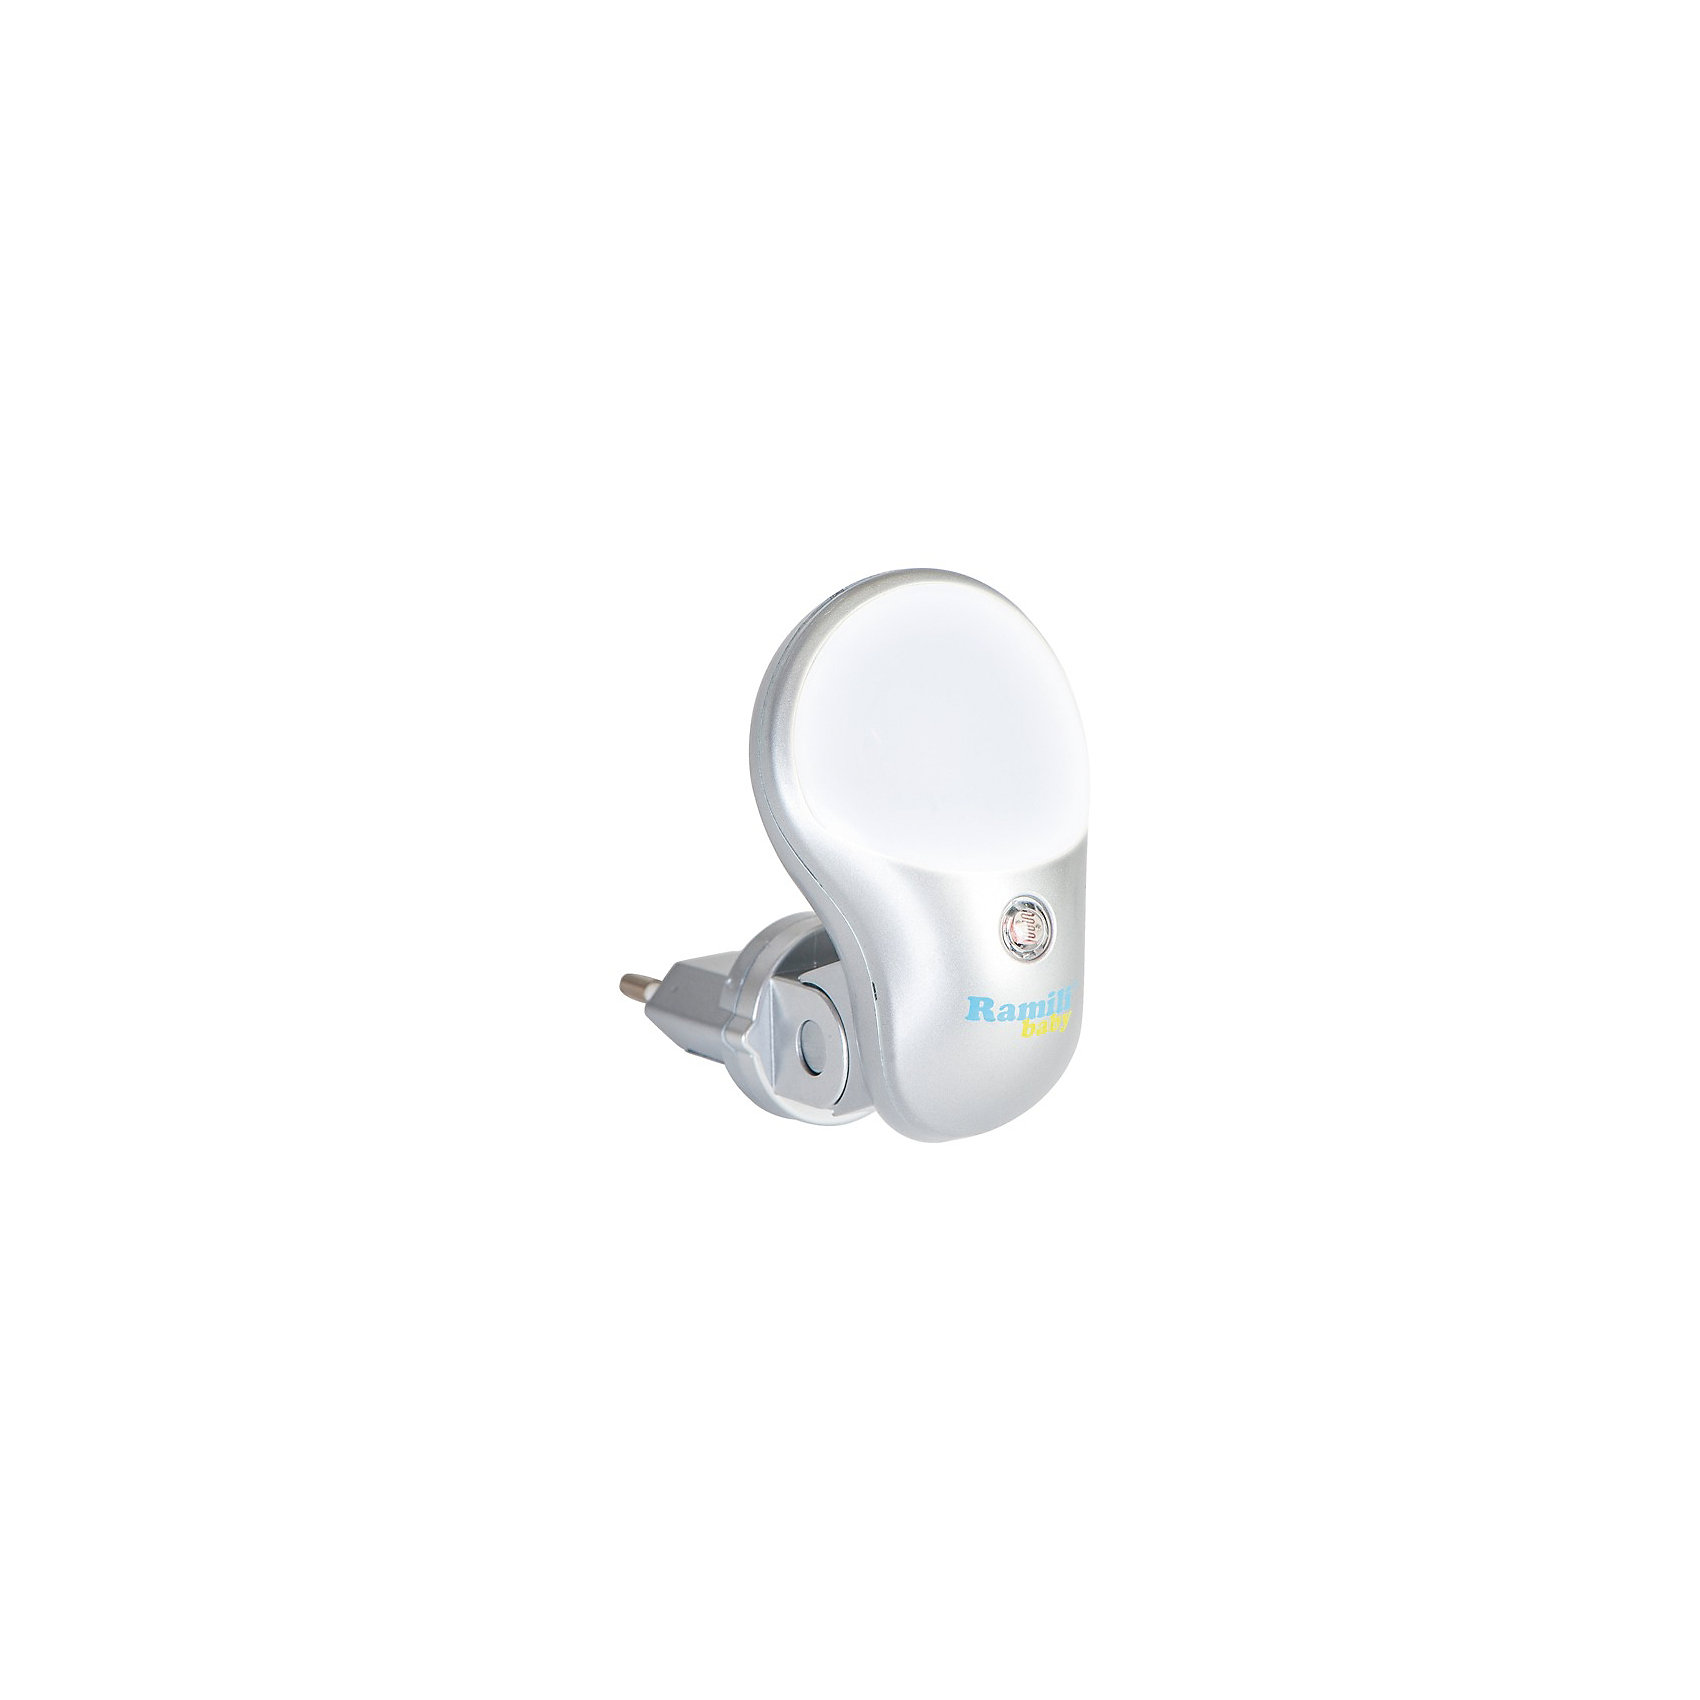 Автоматический детский ночник Baby BNL200, RamiliИдеи подарков<br>Этот необычный ночник создаст в комнате ребенка атмосферу сказки, наполнив детскую комнату необычными узорами, которые проецируются на стену и потолок. Автоматический детский ночник Baby BNL200, Ramili включается в темноте или в условиях недостаточного освещения.  Выключается автоматически при достаточном освещении. <br>Ночник имеет компактные размеры, устанавливается напрямую в розетку, поэтому не занимает много места.<br><br>Дополнительная информация:<br><br>Двухсторонний: проектор и ночник. <br>Цветные фигуры проецируются на стену.<br>С лицевой стороны «мягкий» LED свет. <br>Яркость свечения регулируется при наклоне корпуса: ближе к стене - меньше, дальше от стены - больше.<br>Мощность ламп: 16 Вт<br>Питание от сети 220В<br><br>Автоматический детский ночник Baby BNL200, Ramili можно купить в нашем магазине.<br><br>Ширина мм: 110<br>Глубина мм: 20<br>Высота мм: 85<br>Вес г: 120<br>Возраст от месяцев: 0<br>Возраст до месяцев: 36<br>Пол: Унисекс<br>Возраст: Детский<br>SKU: 3893040